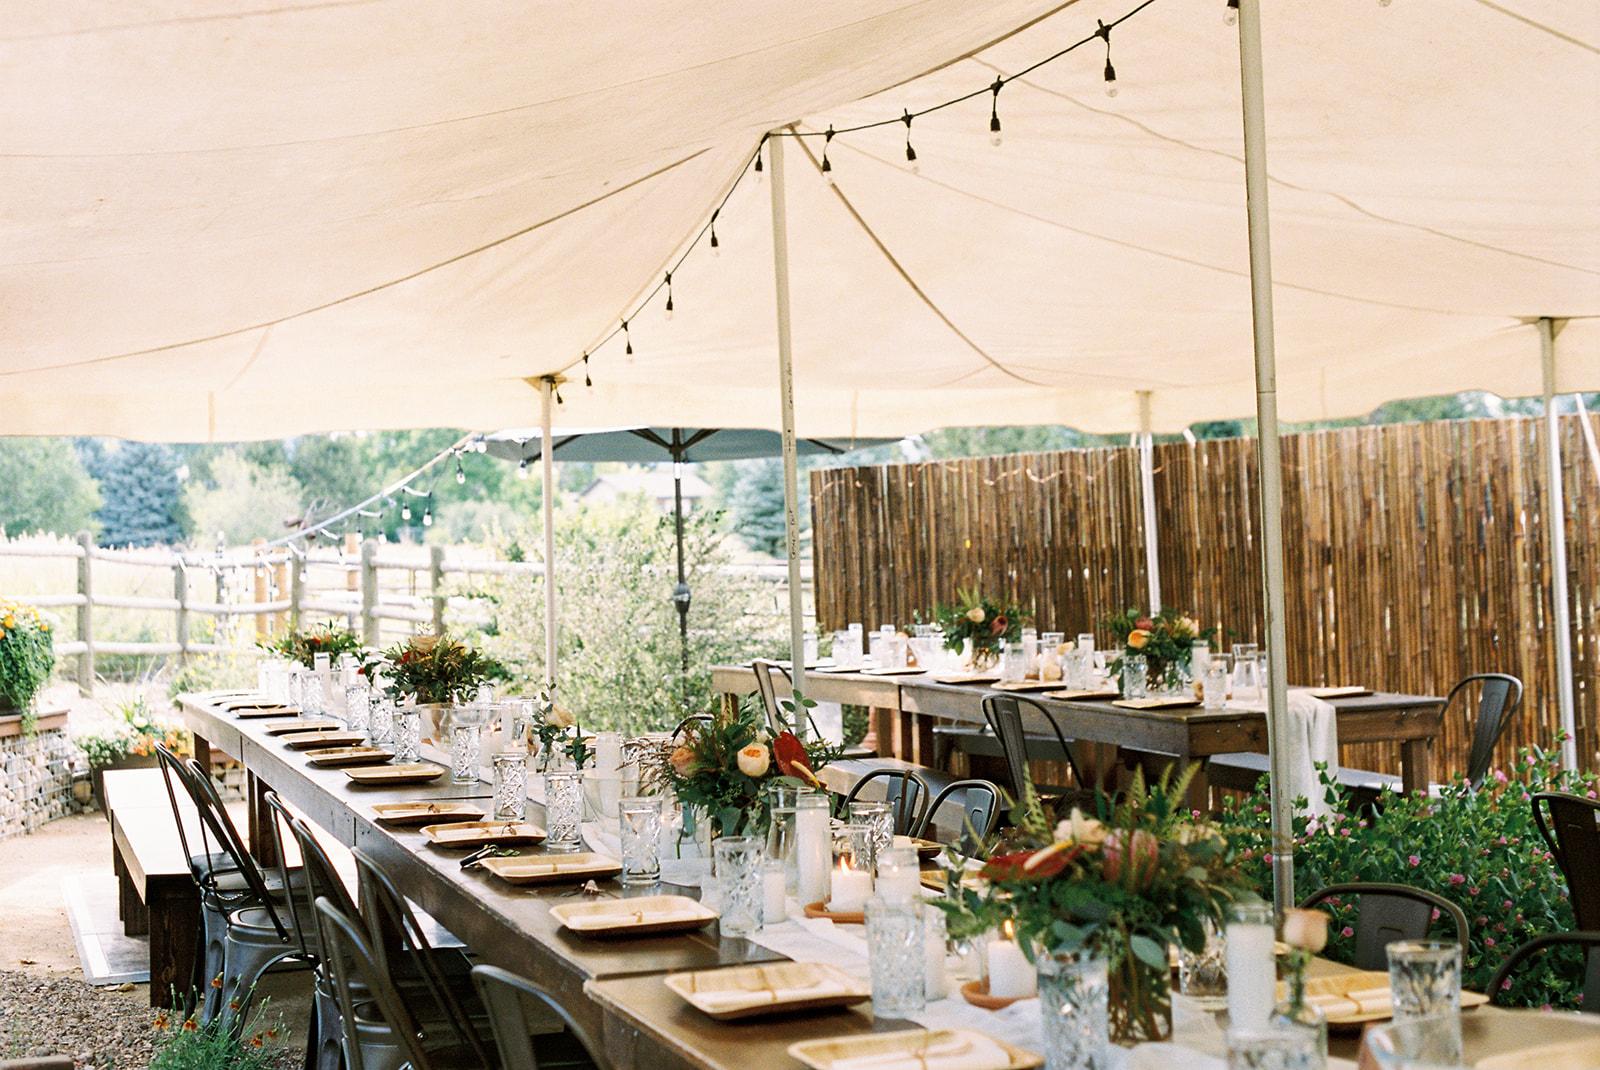 Fort-Collins-Wedding-Rentals